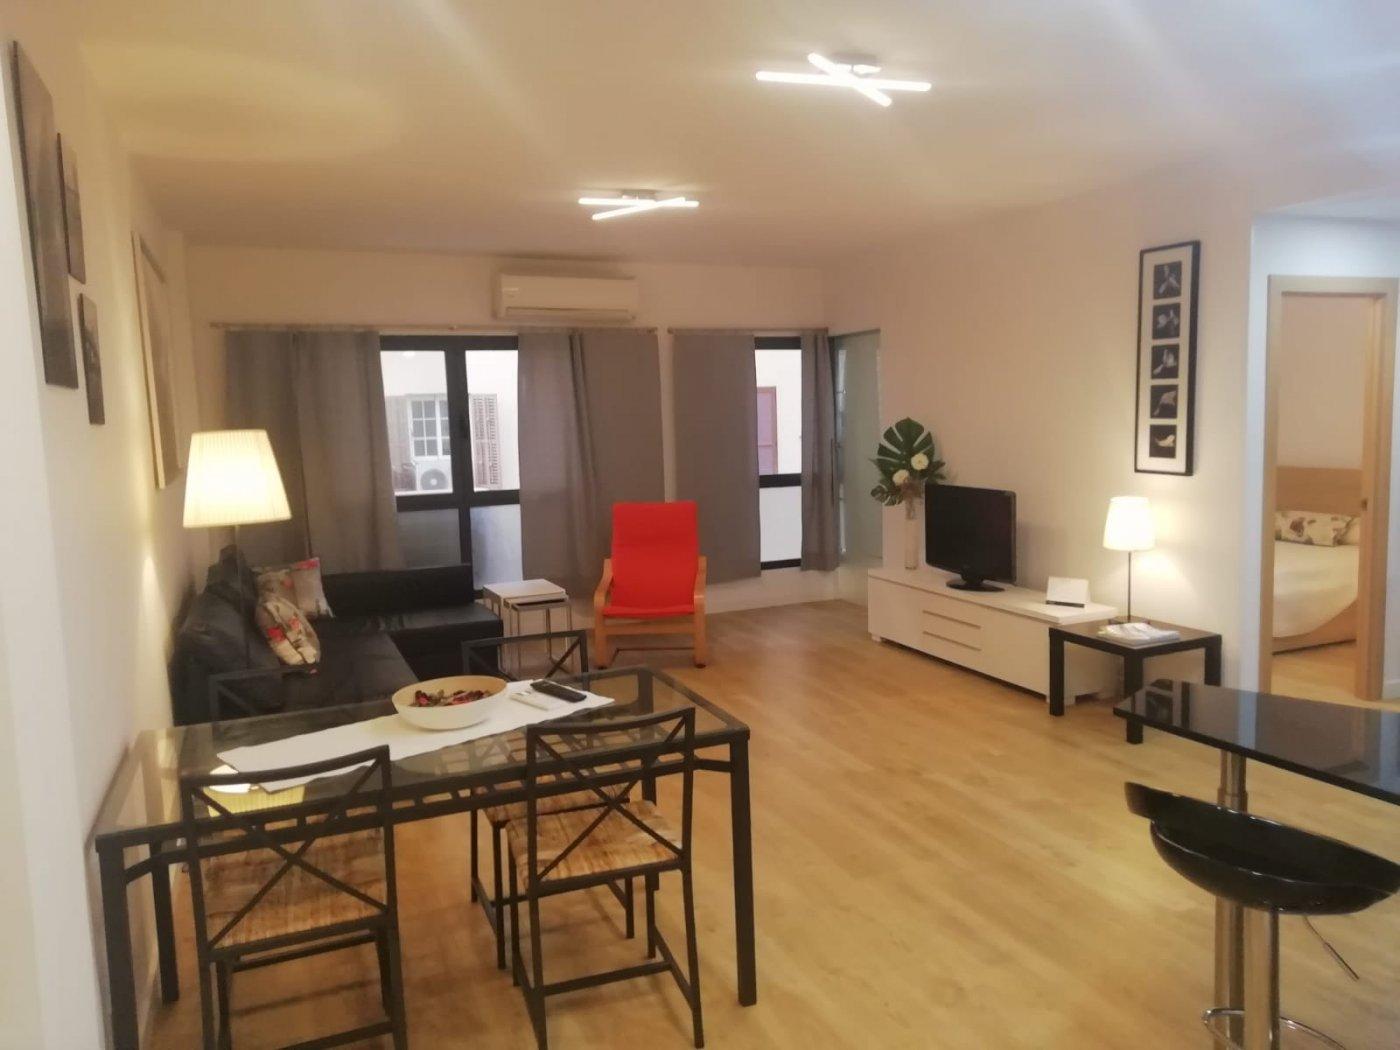 Moderno piso en el centro de palma - imagenInmueble1